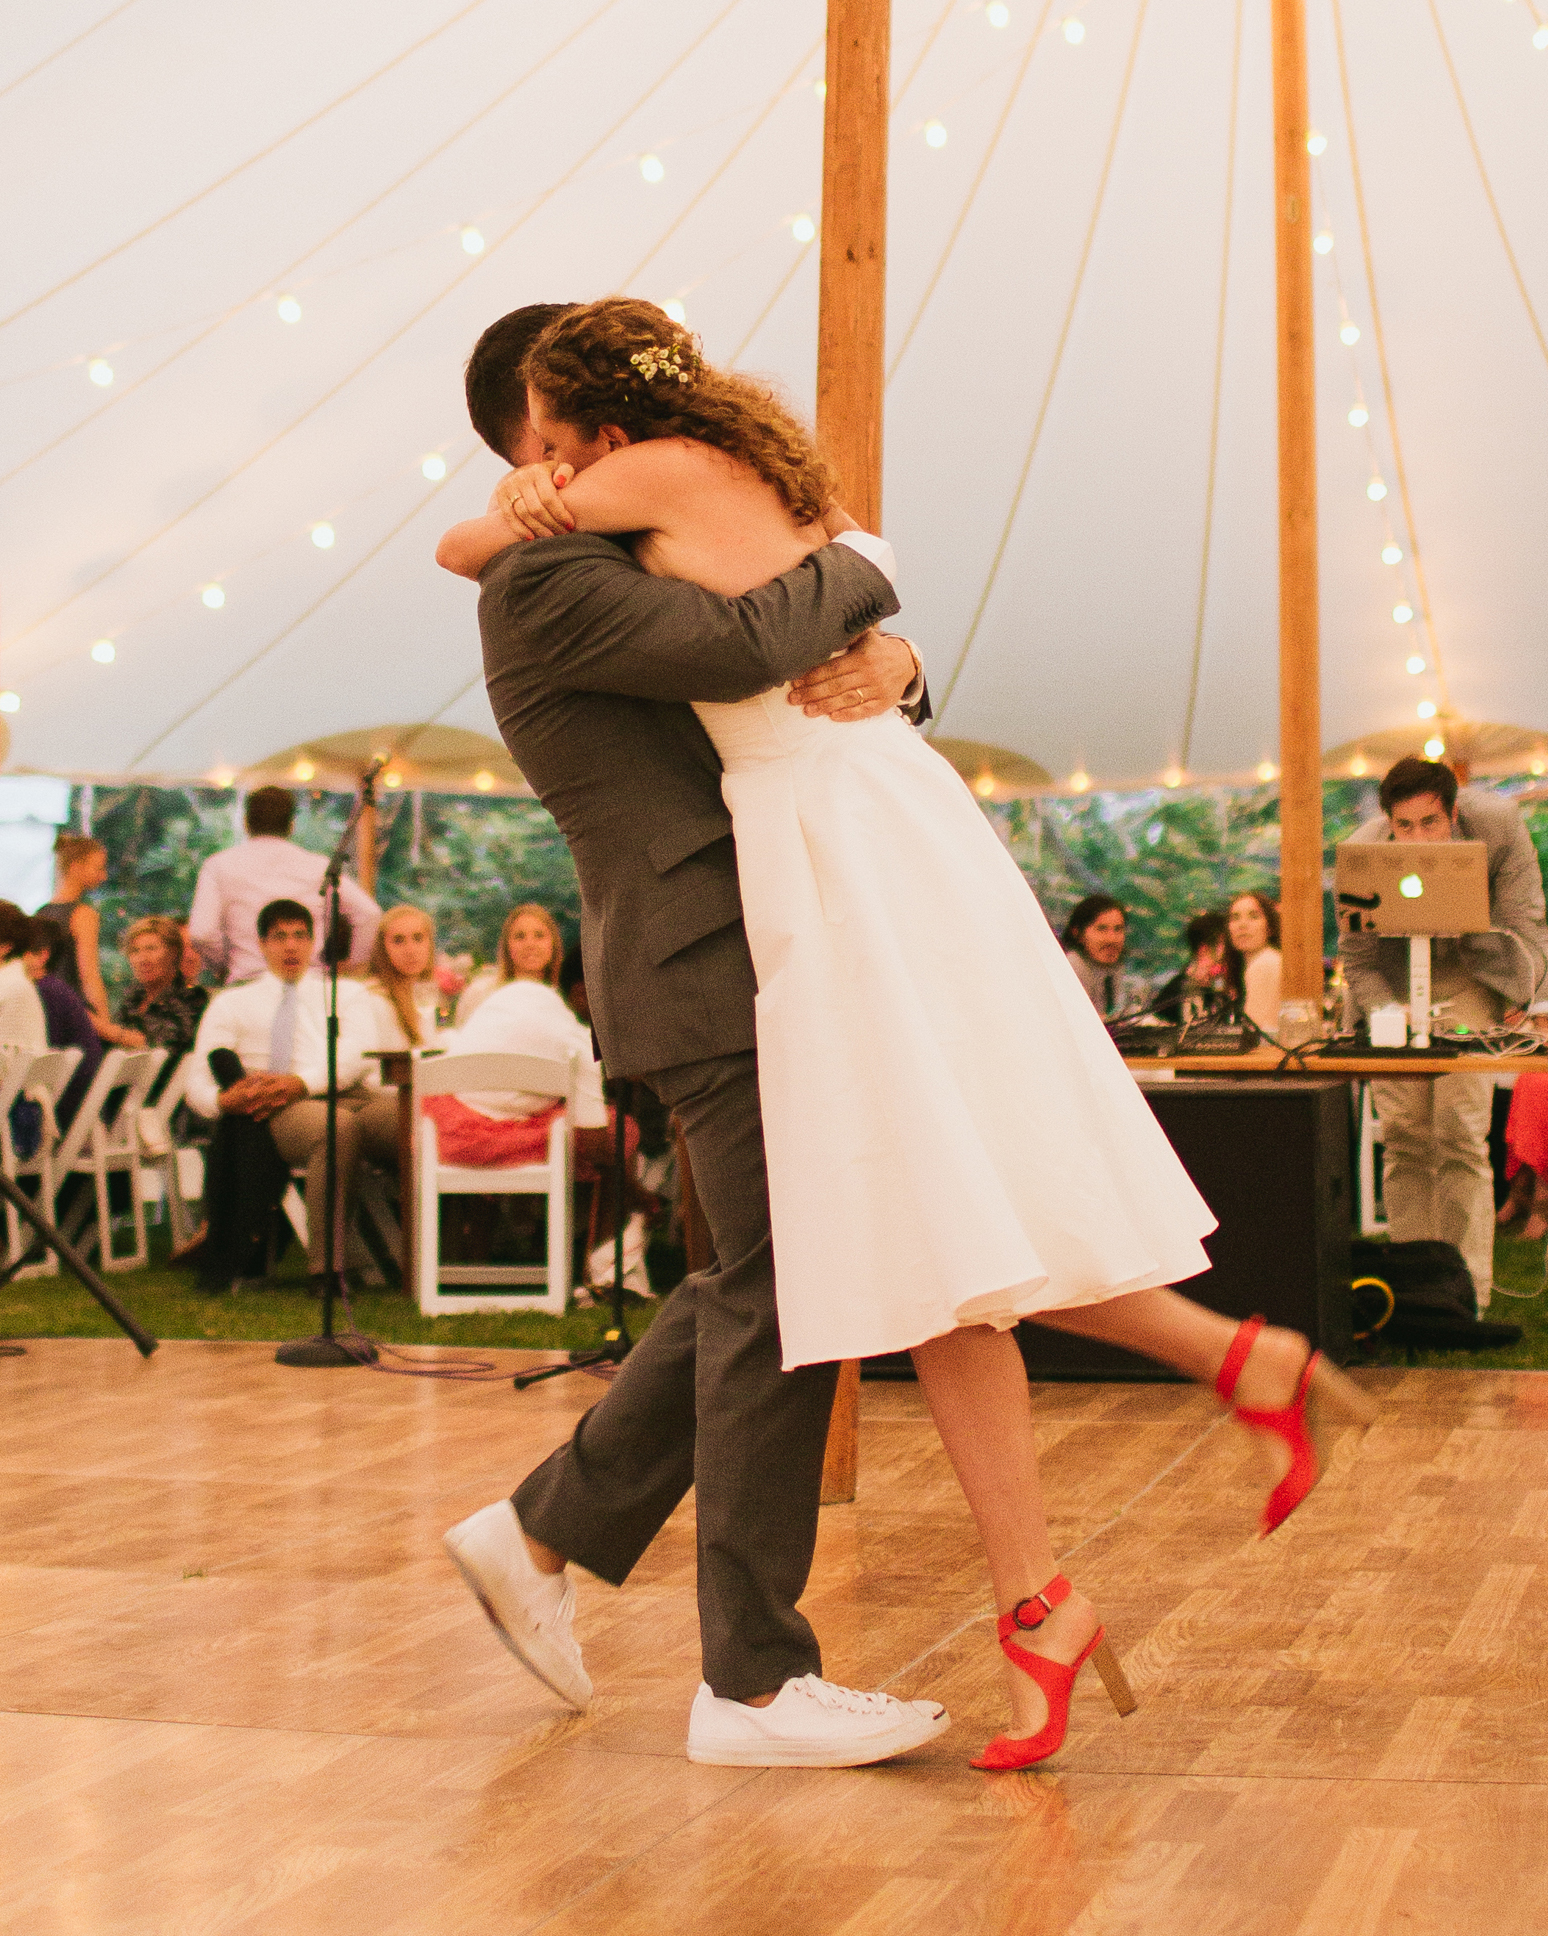 gabriela-tyson-wedding-firstdance-1023-s111708-1214.jpg